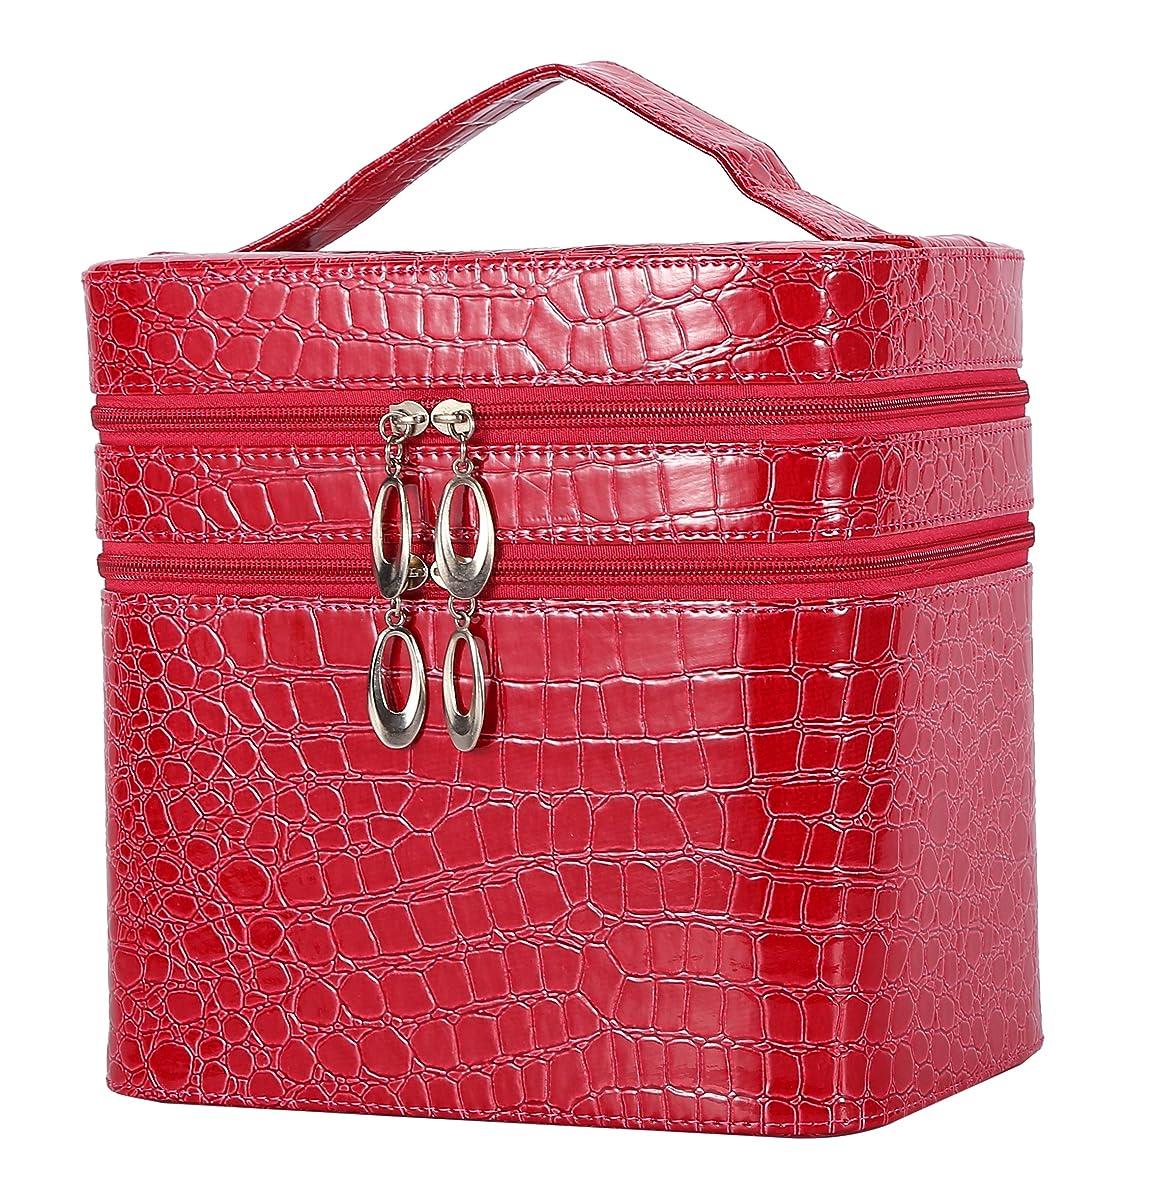 経度顕著スピンHOYOFO メイクボックス 大容量 鏡付き おしゃれ コスメ収納 化粧品 収納 化粧 ボックス 2段タイプ レッド 赤